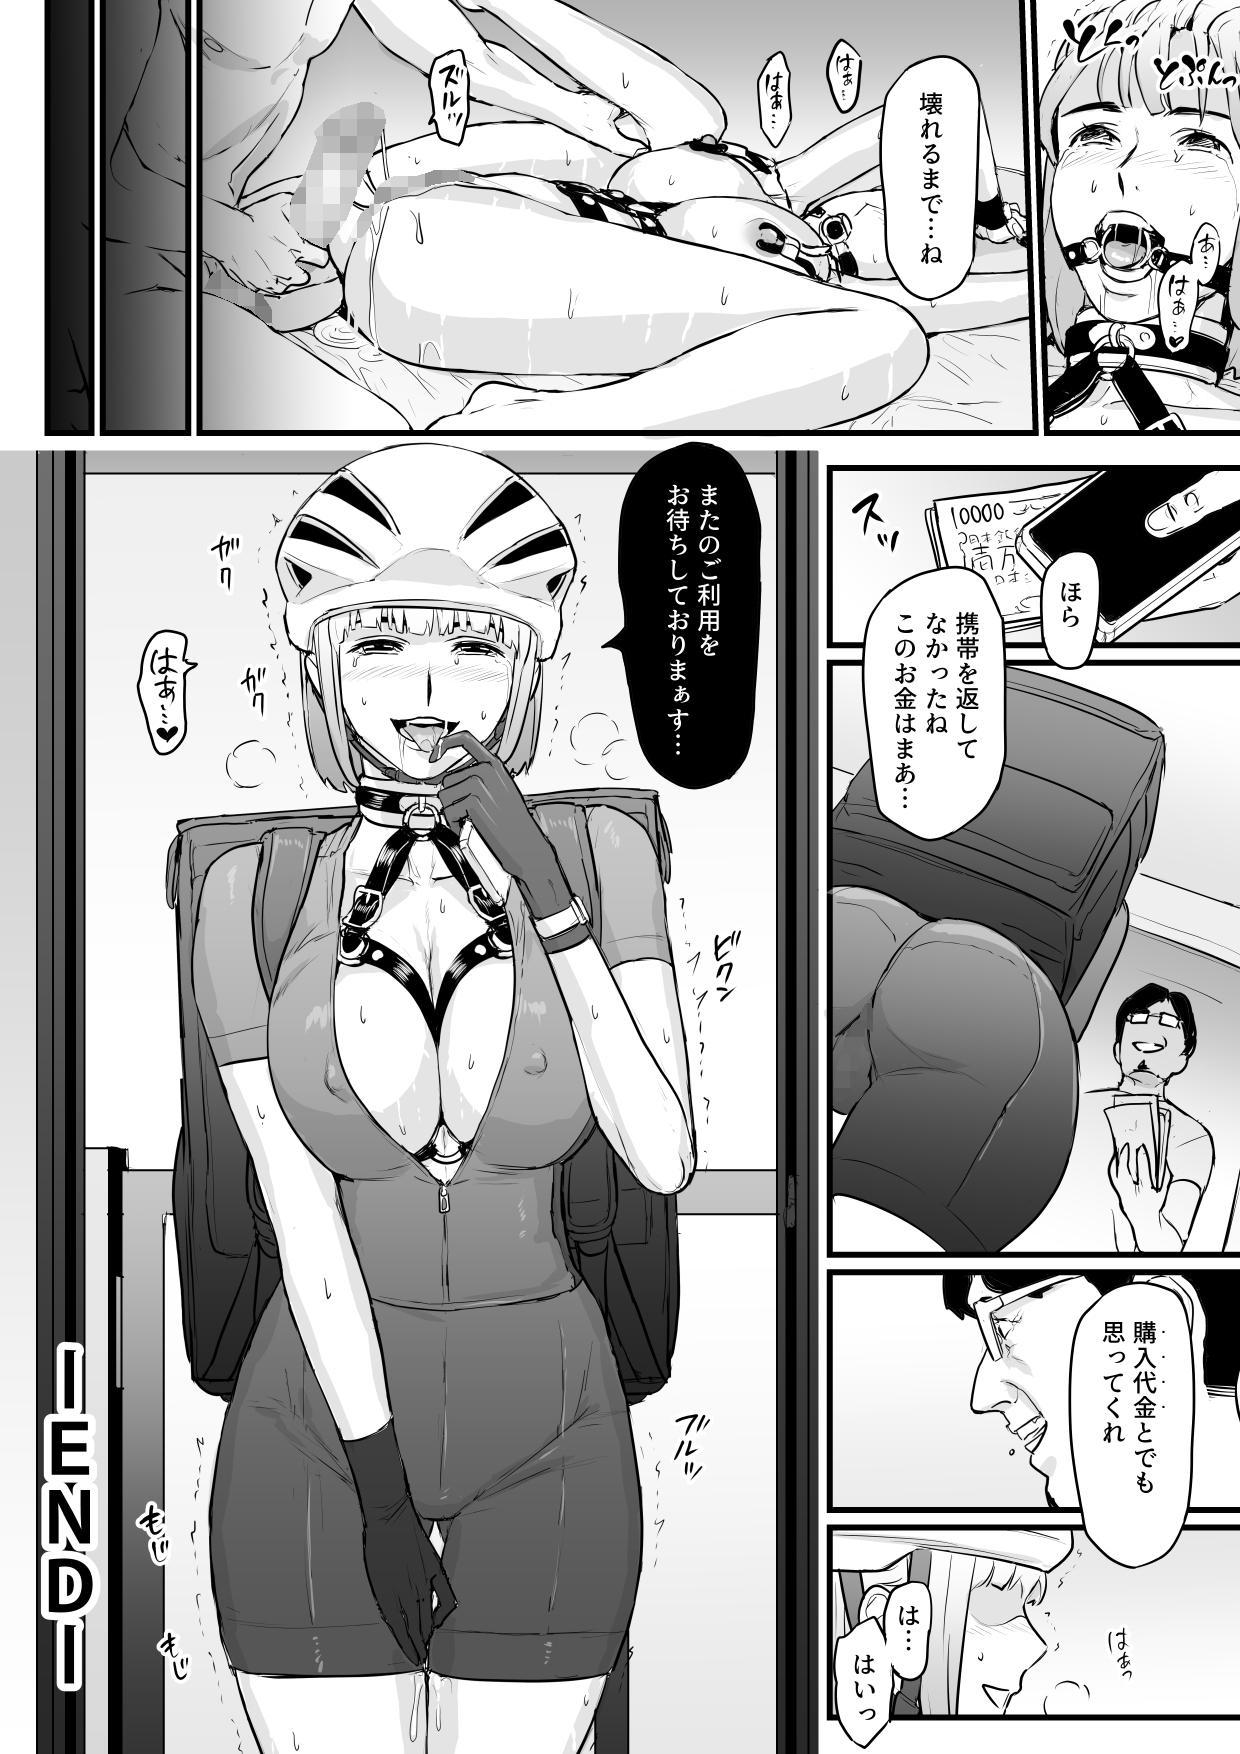 Onna Haitatsuin ga Claim Kyaku ni Choukyou Sareru Hanashi 24